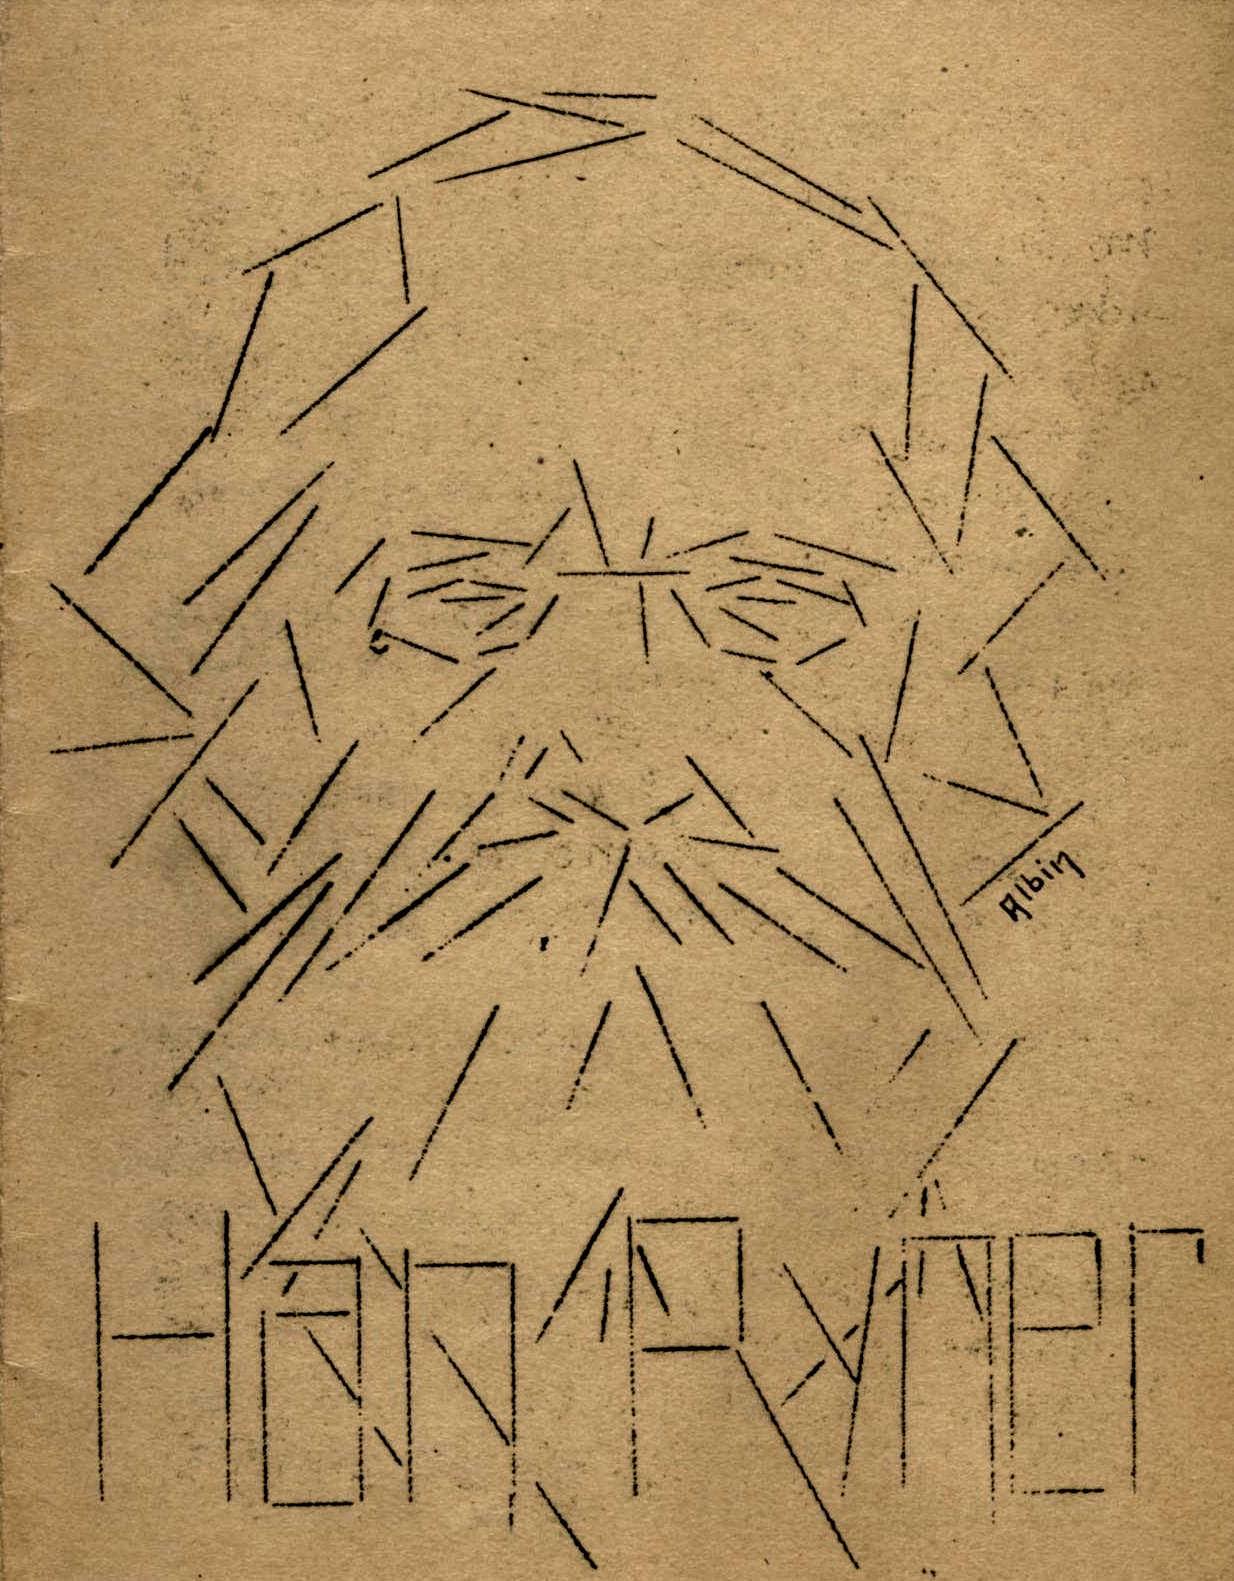 Retrat d'Han Ryner realitzat per Albin